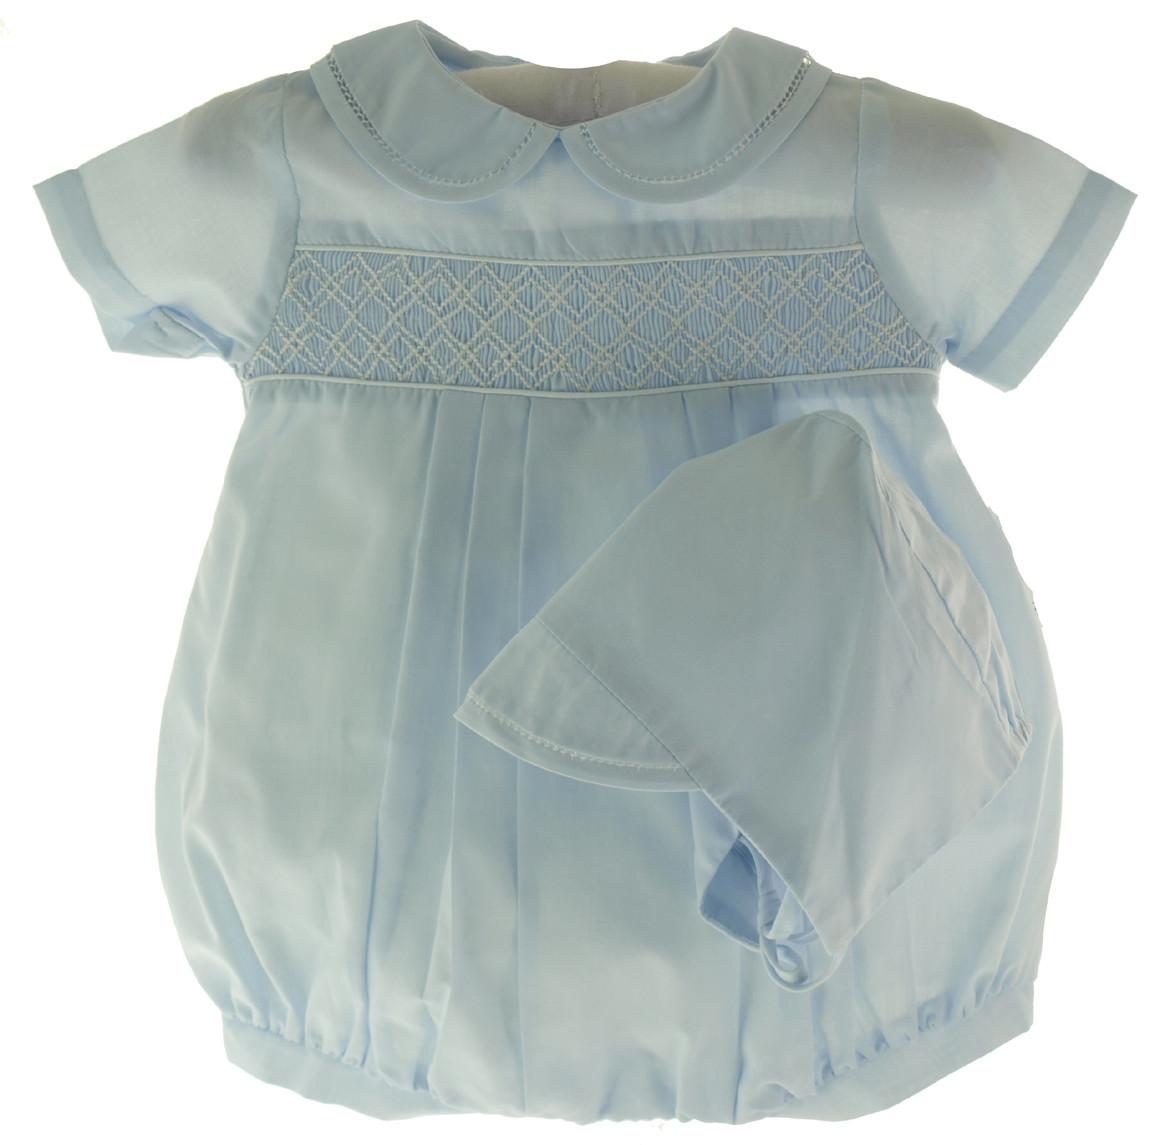 14352c0bb5687 Newborn Boys Blue Take Home Bubble Outfit & Hat Set | Petit Ami Clothes